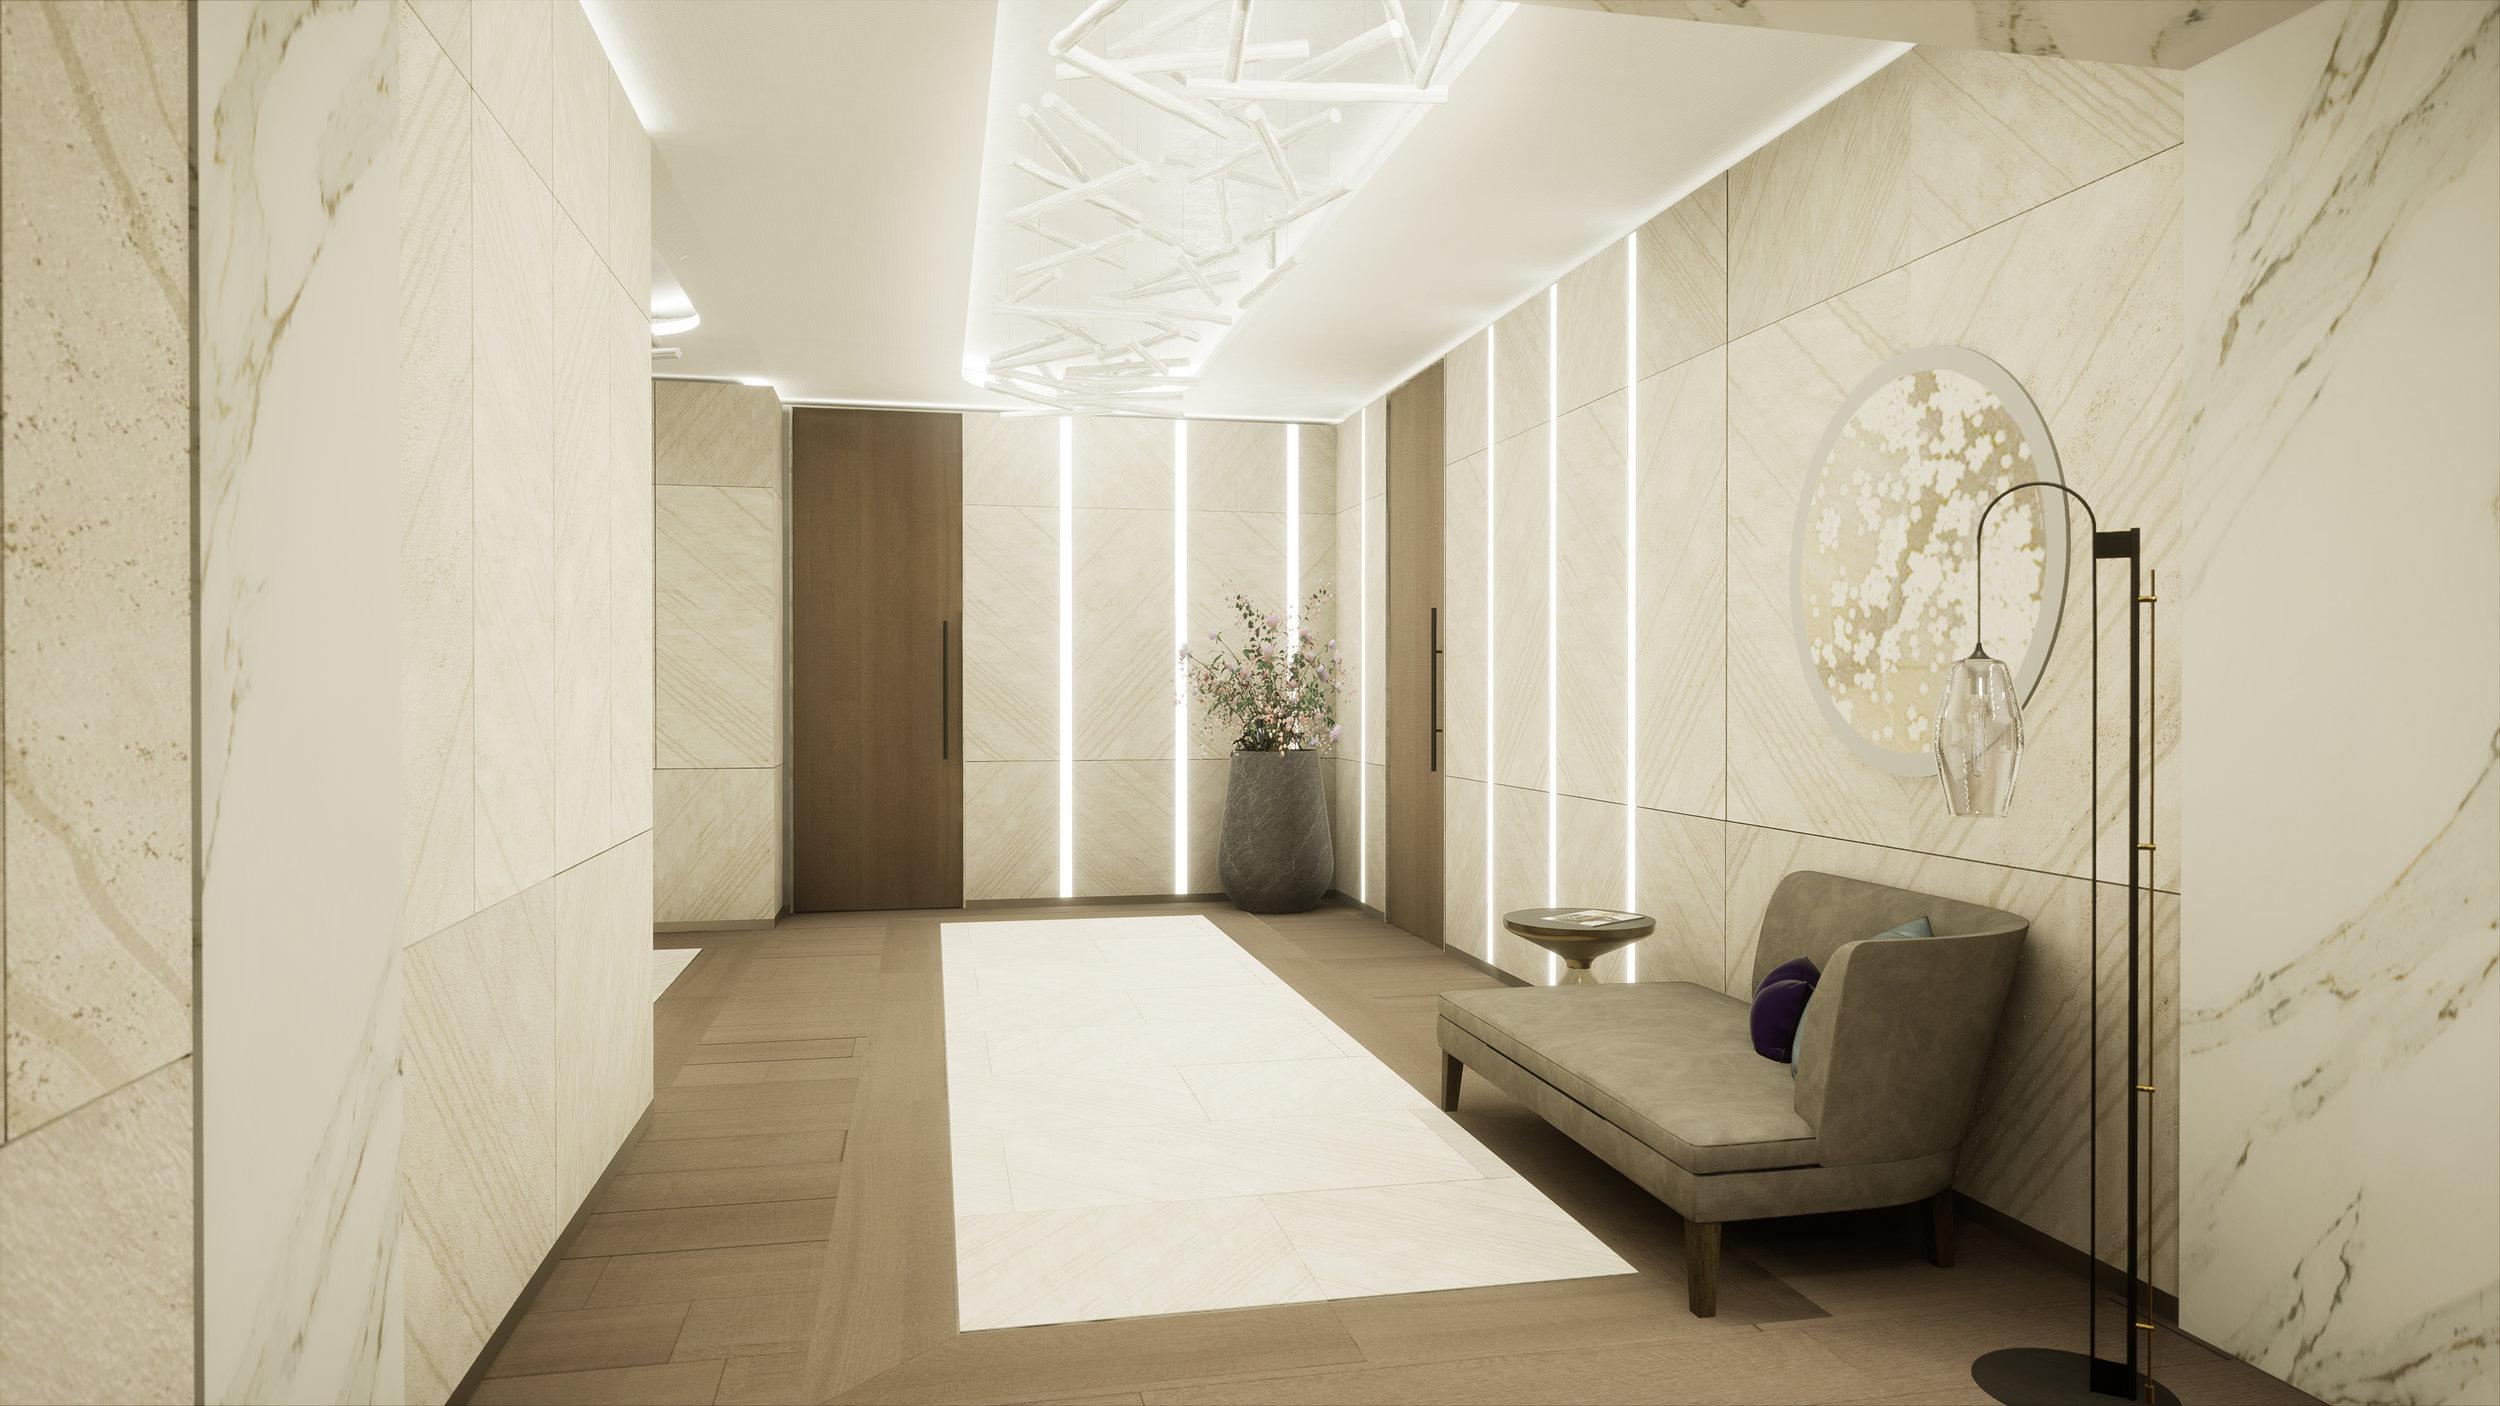 ElevatorLobby_3.jpg